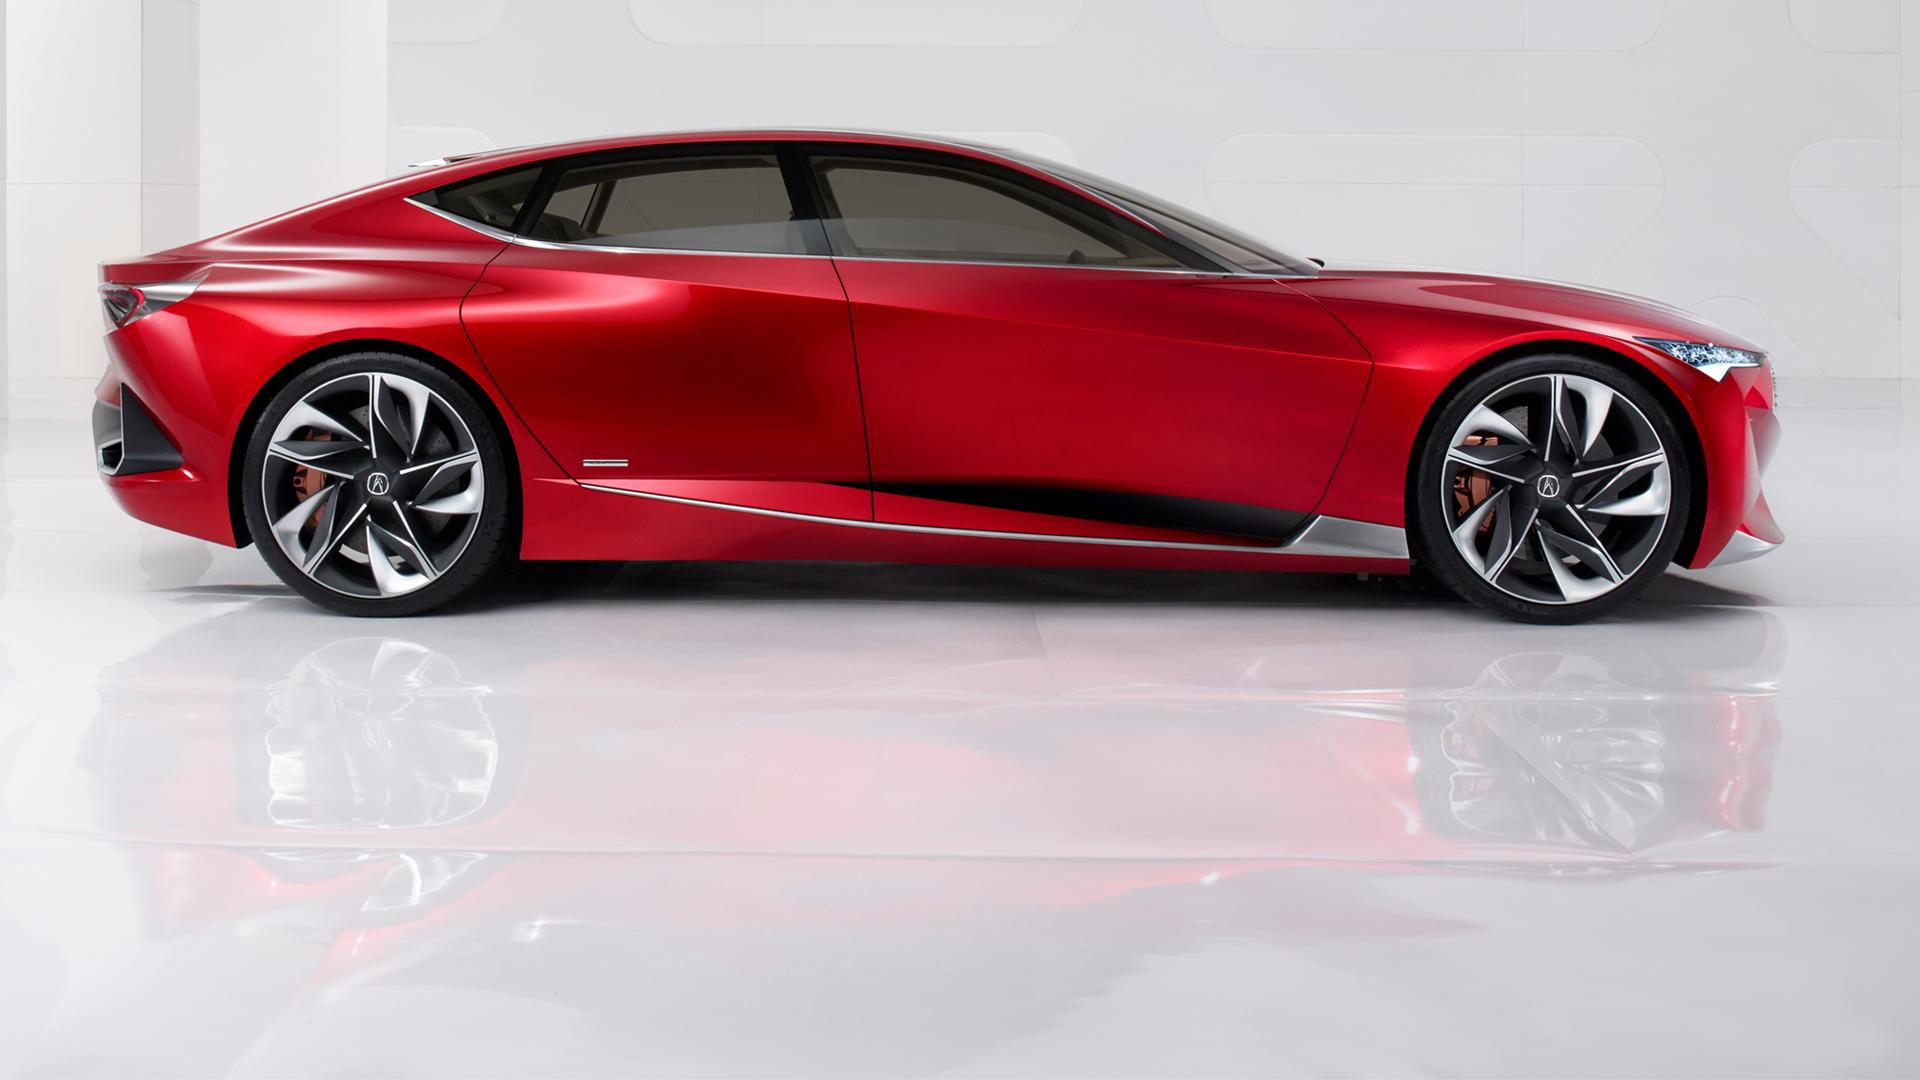 Acura Precison Concept - 2016 - side-face / profil - zoom